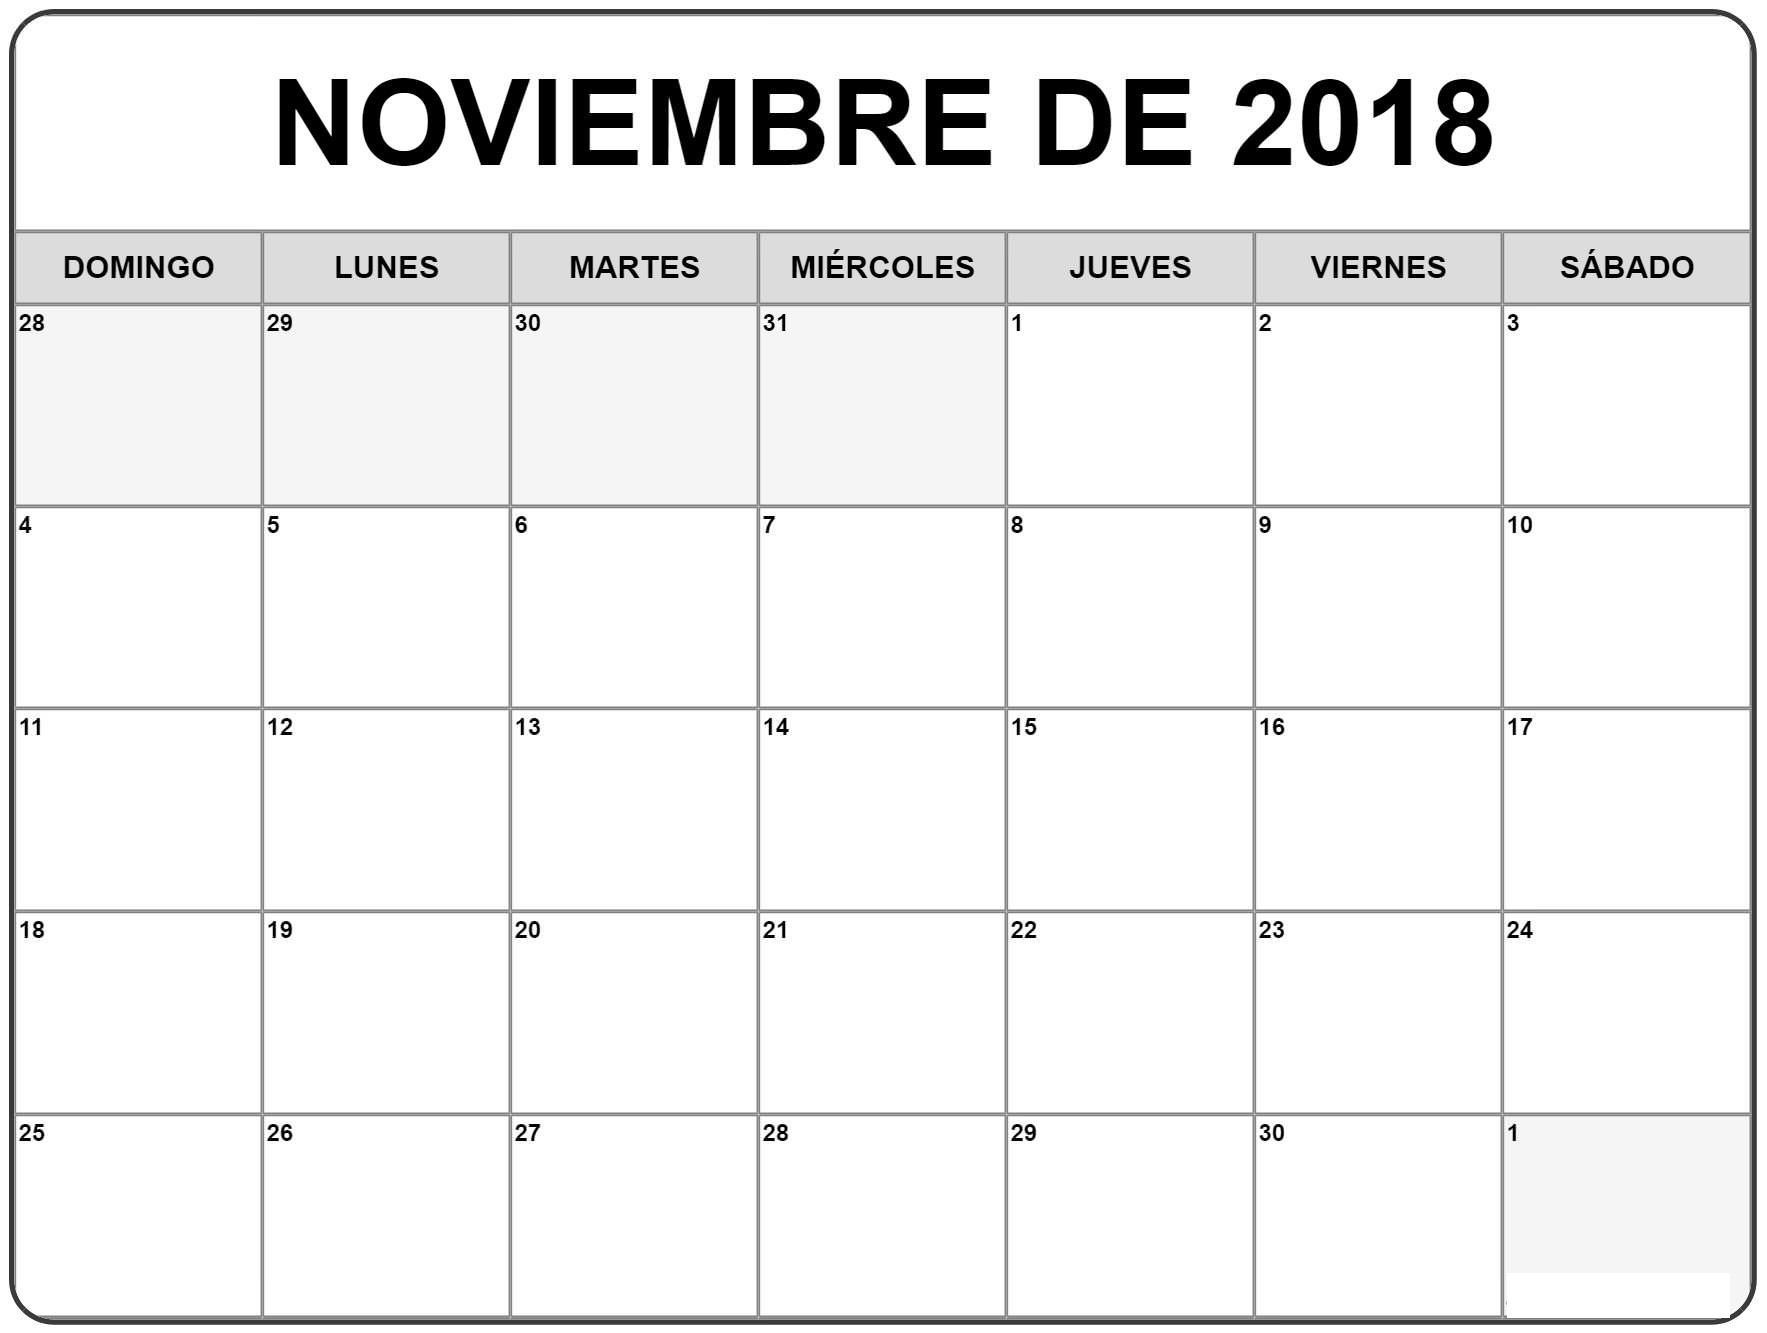 Calendario Mes De Enero 2017 Para Imprimir Más Reciente Best Calendario Mes De Octubre Y Noviembre 2018 Image Collection